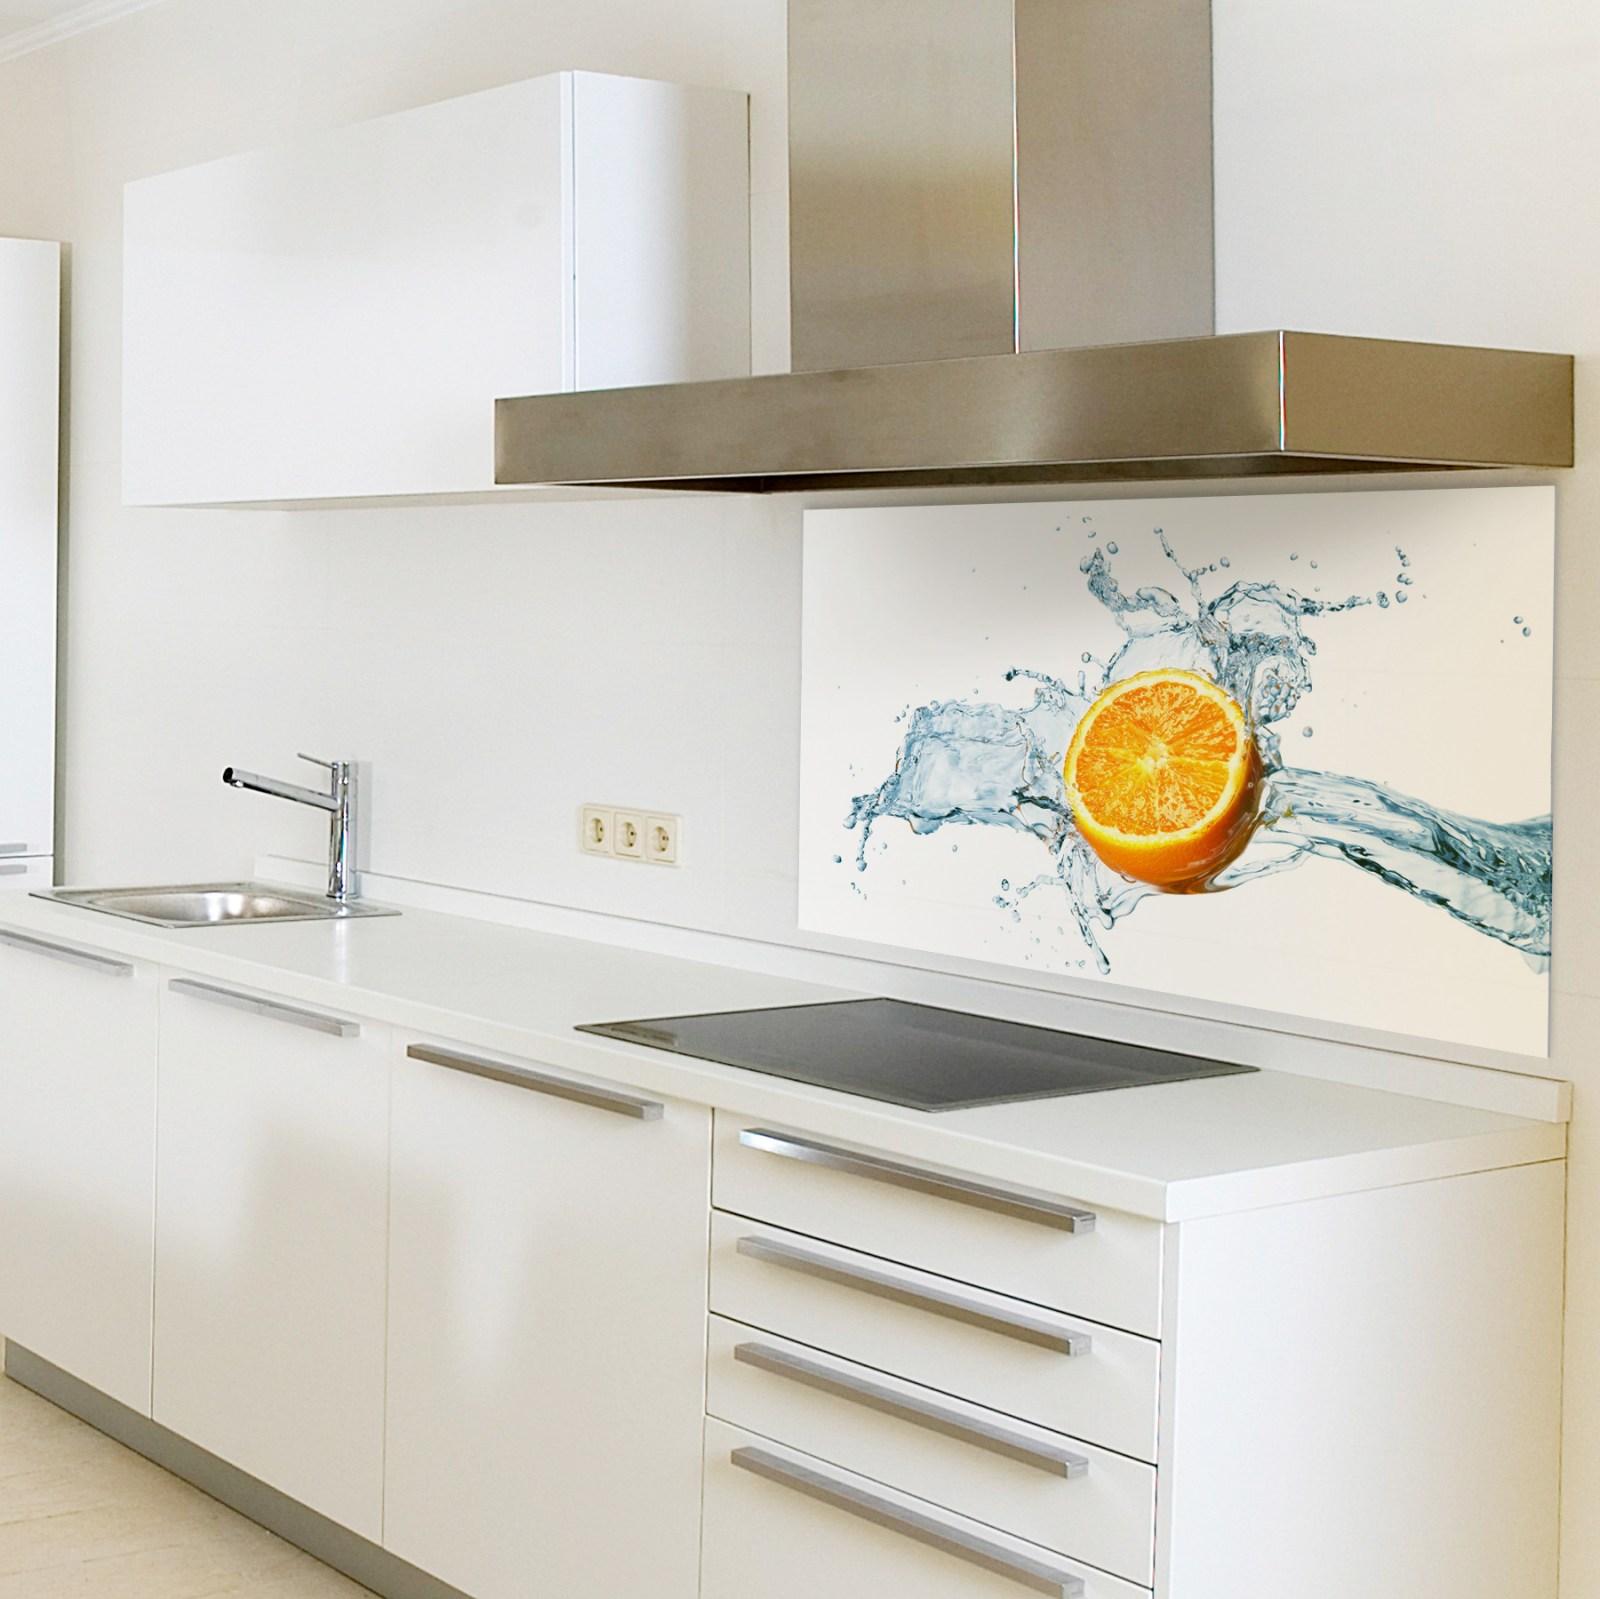 Full Size of Küchen Glasbilder Regal Bad Küche Wohnzimmer Küchen Glasbilder